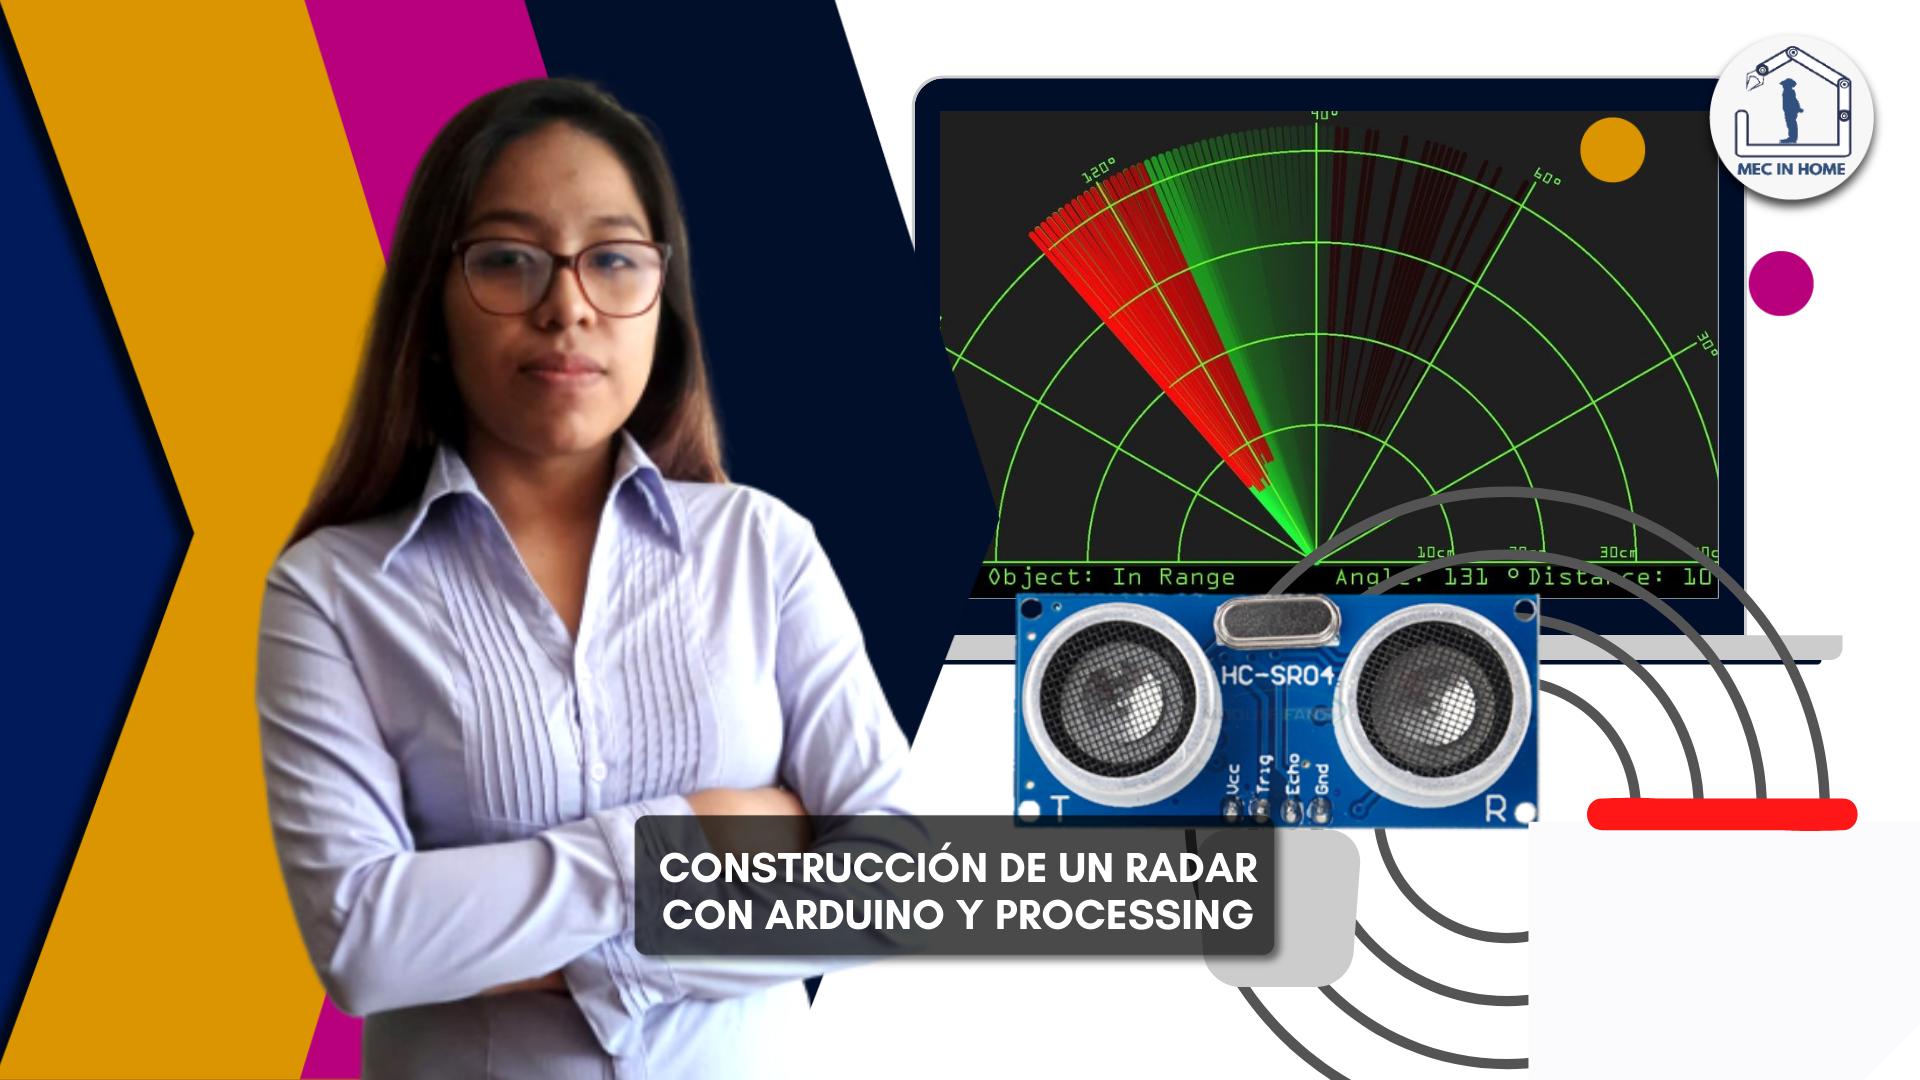 Proyectos Mec in Home (24)